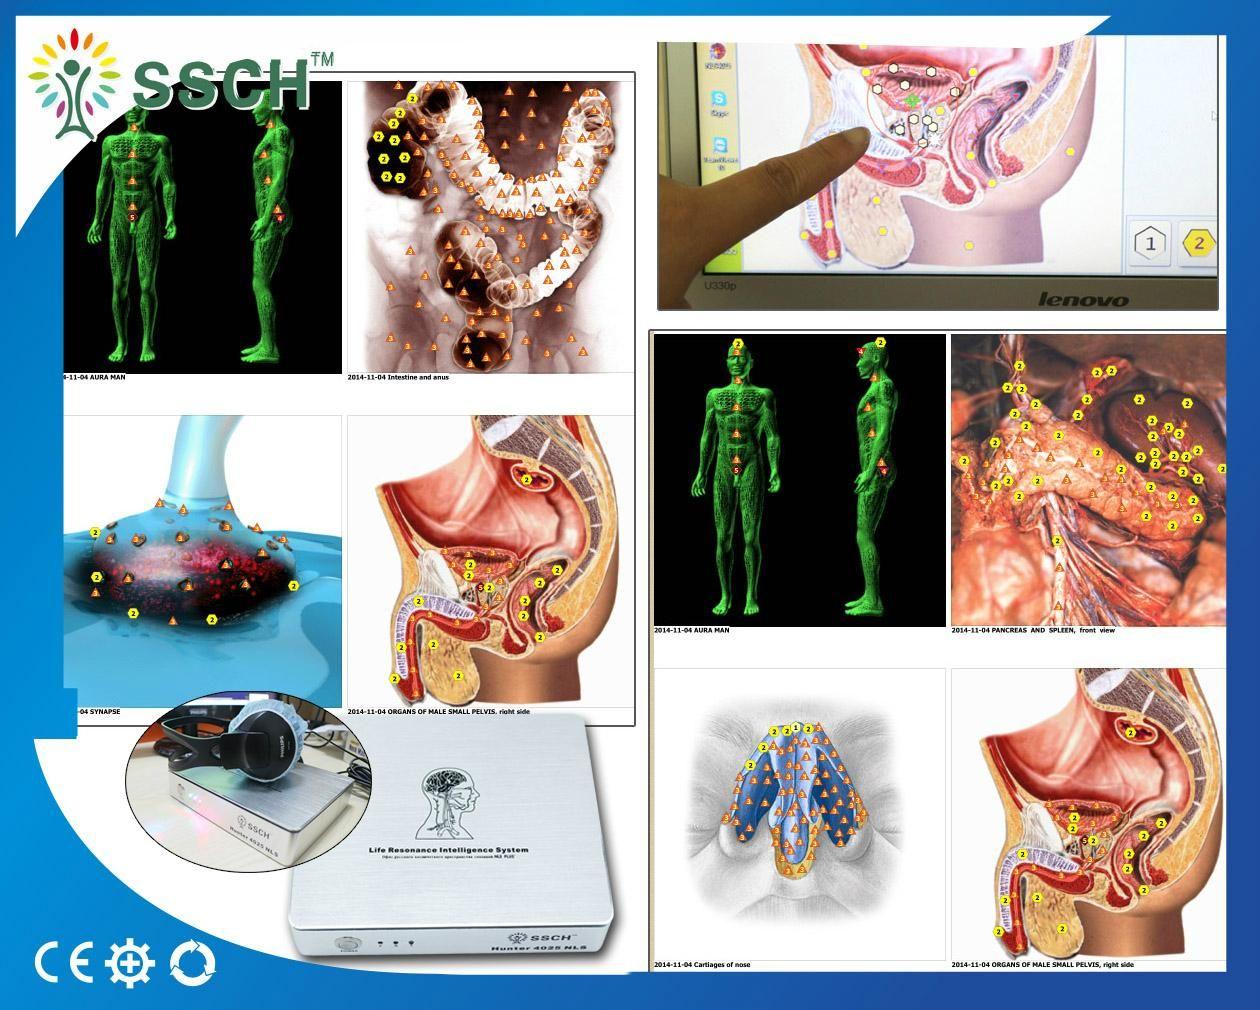 2016 recommend bioresonance diagnostics Metatron Hunter device